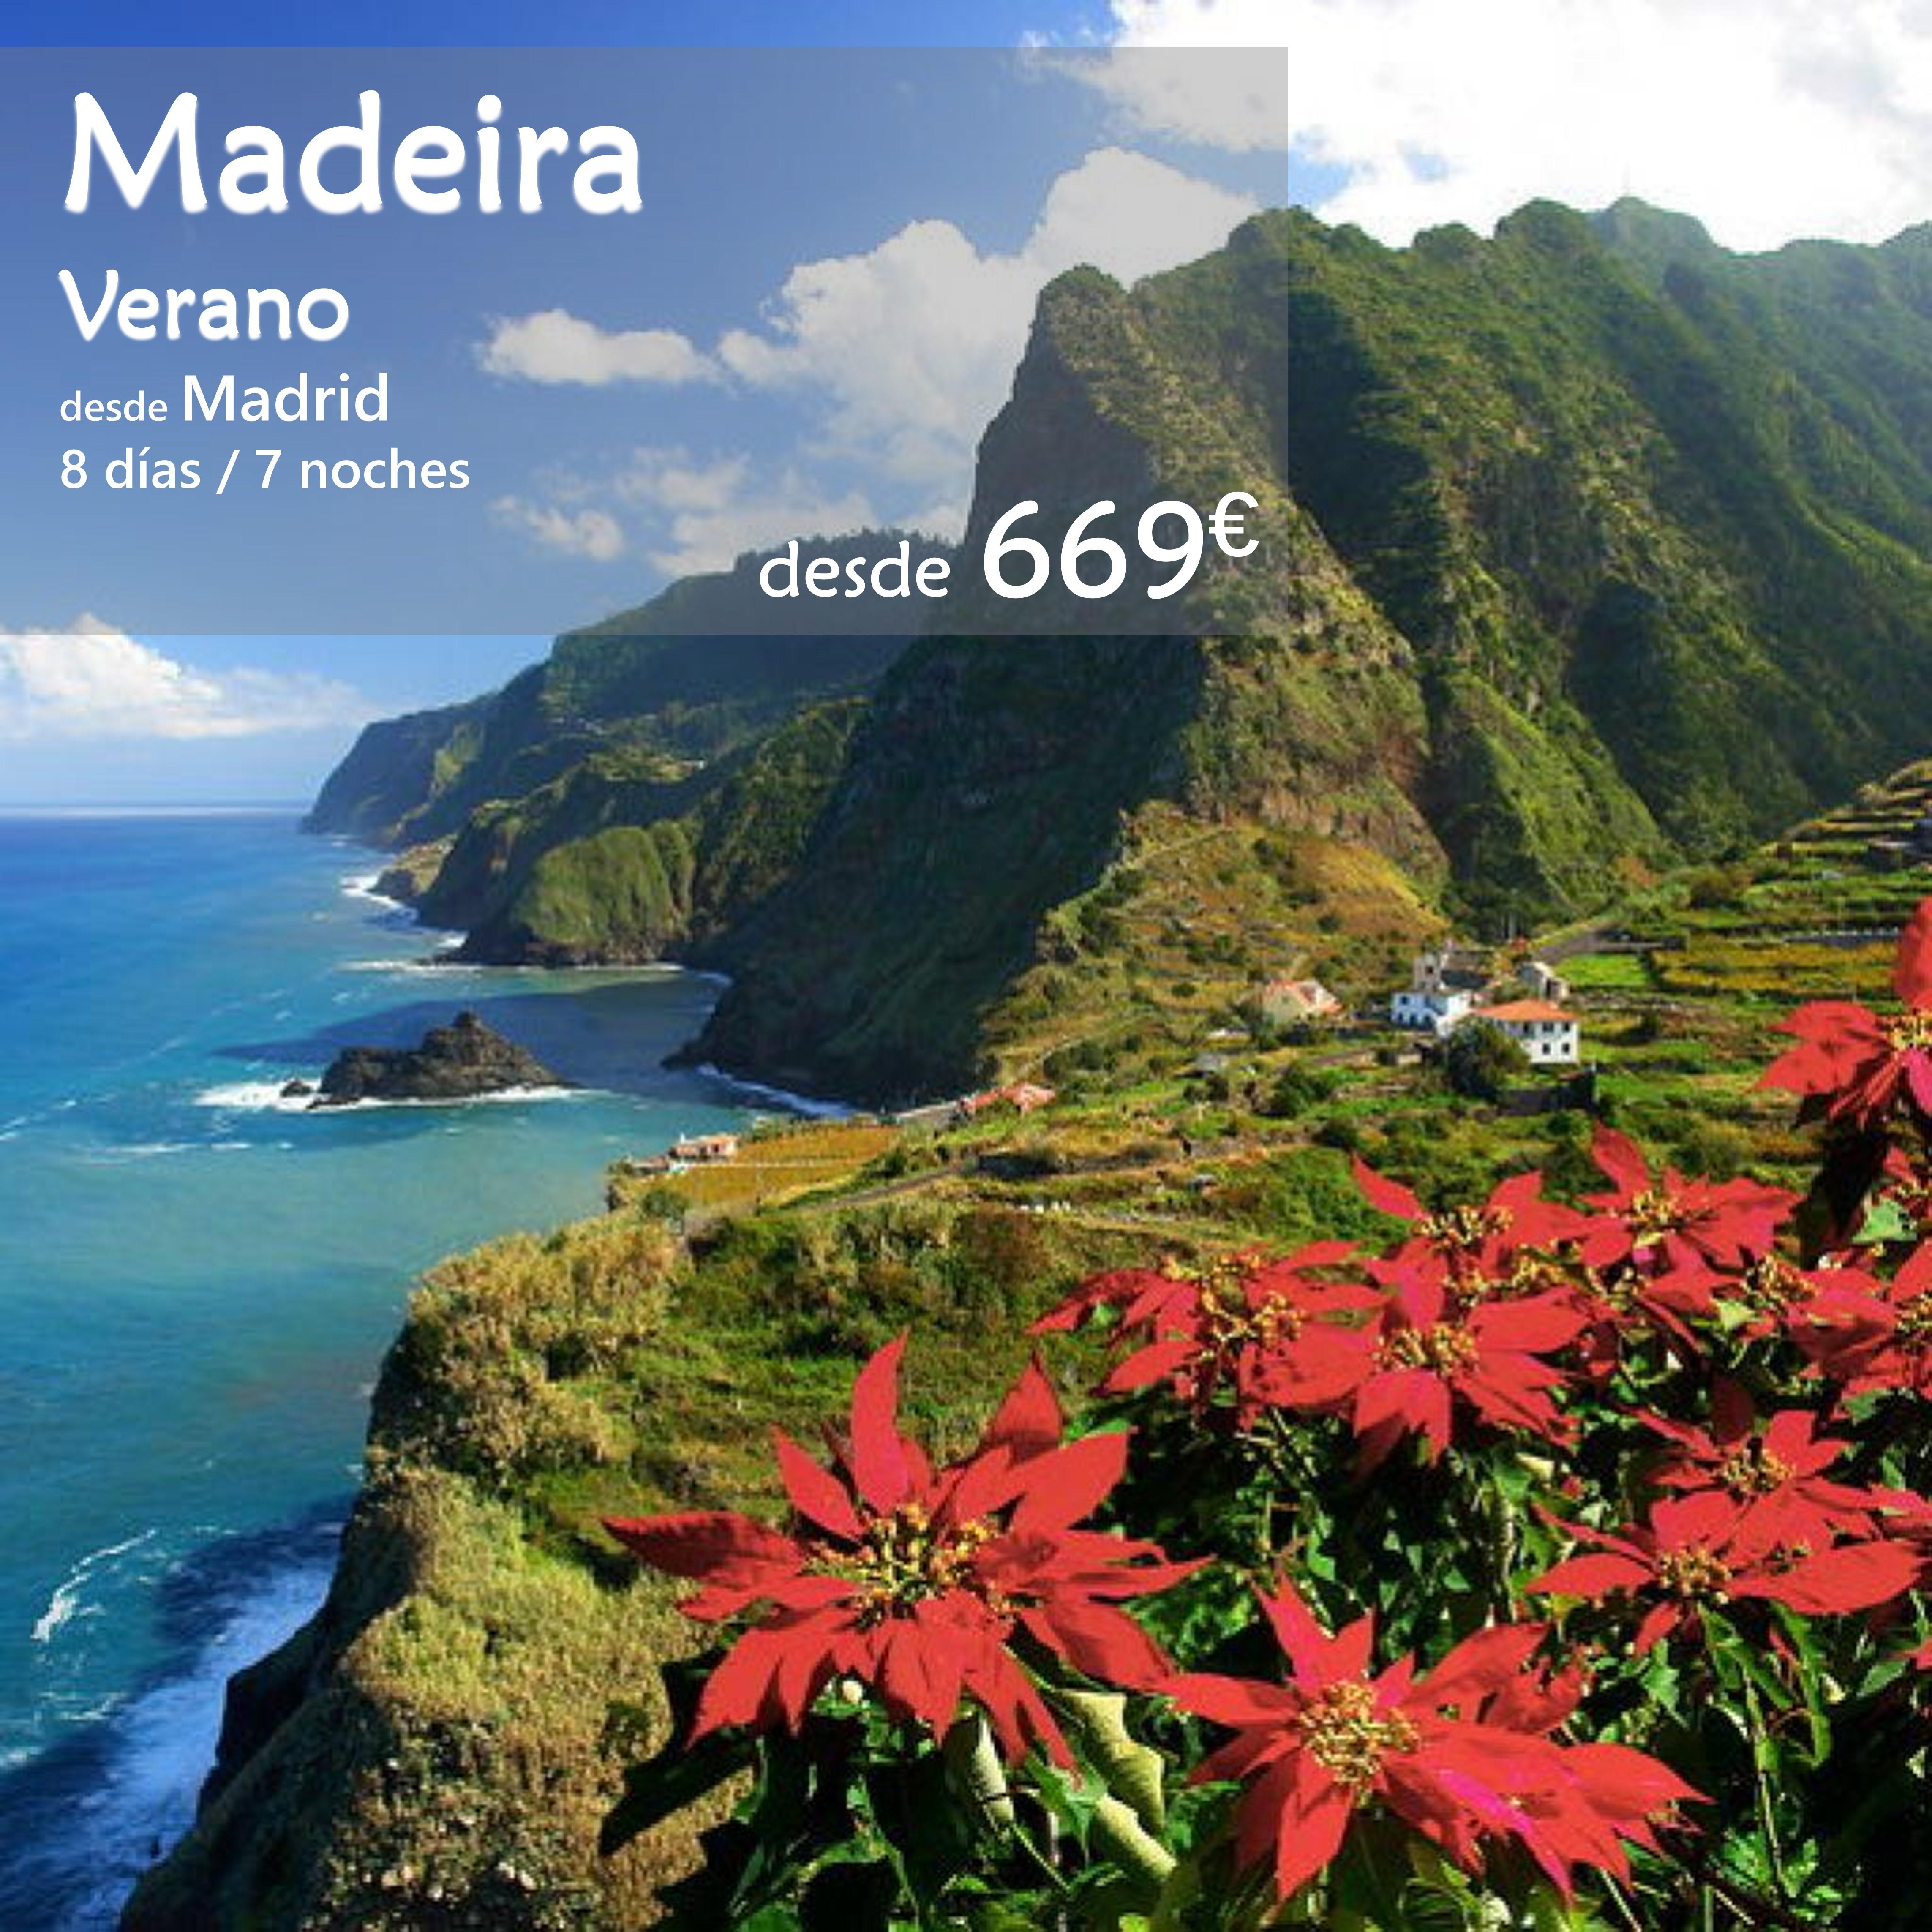 Madeira Verano 2019